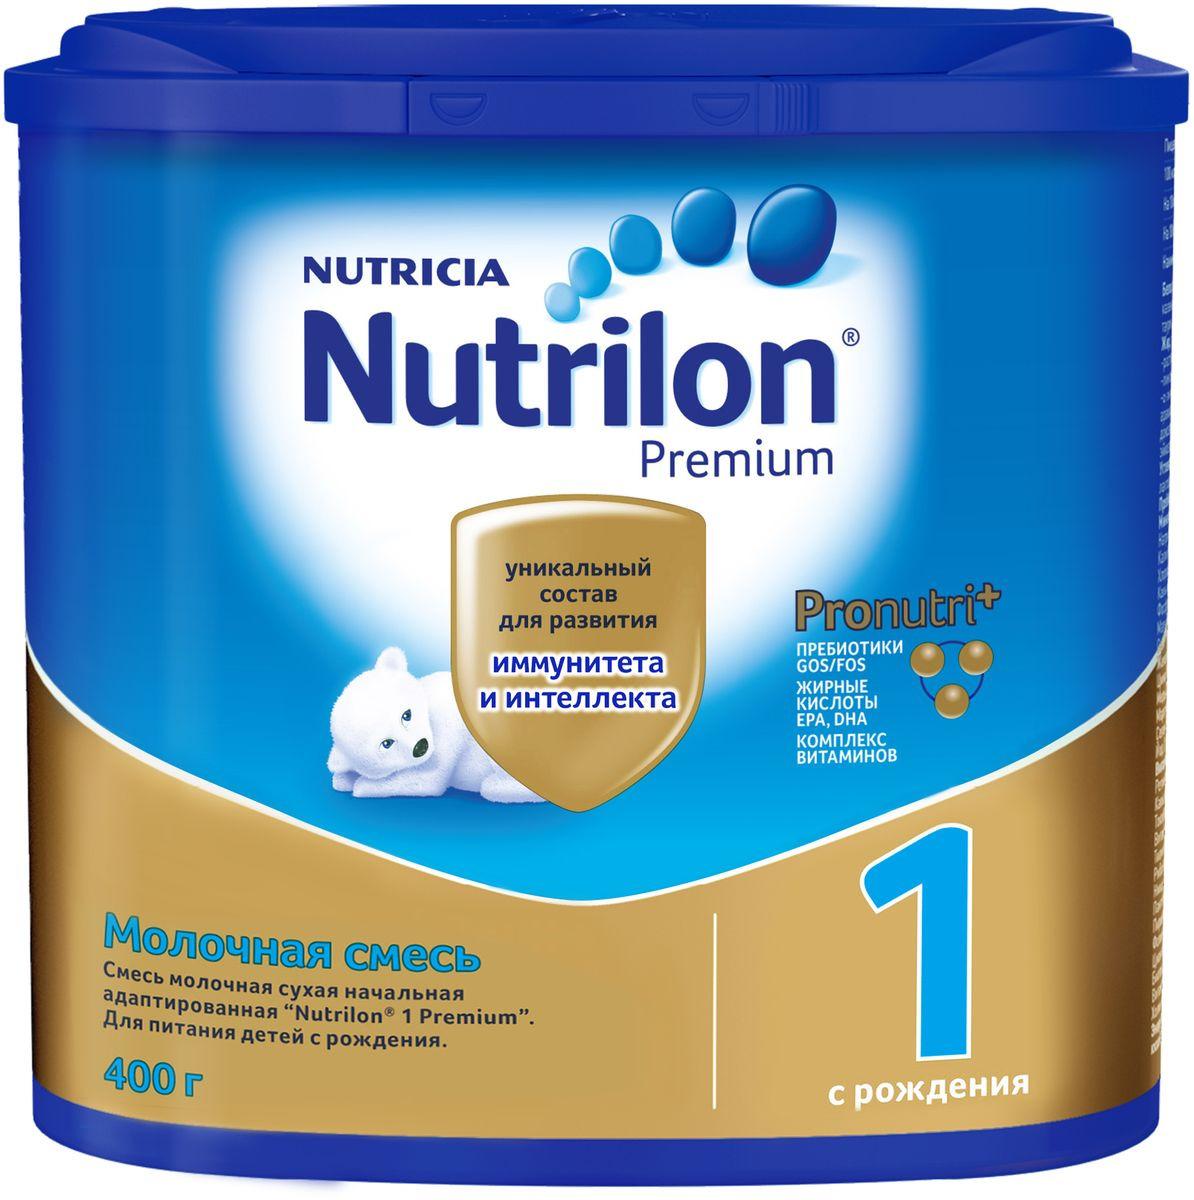 Молочная смесь Nutrilon Premium 1, 400 г